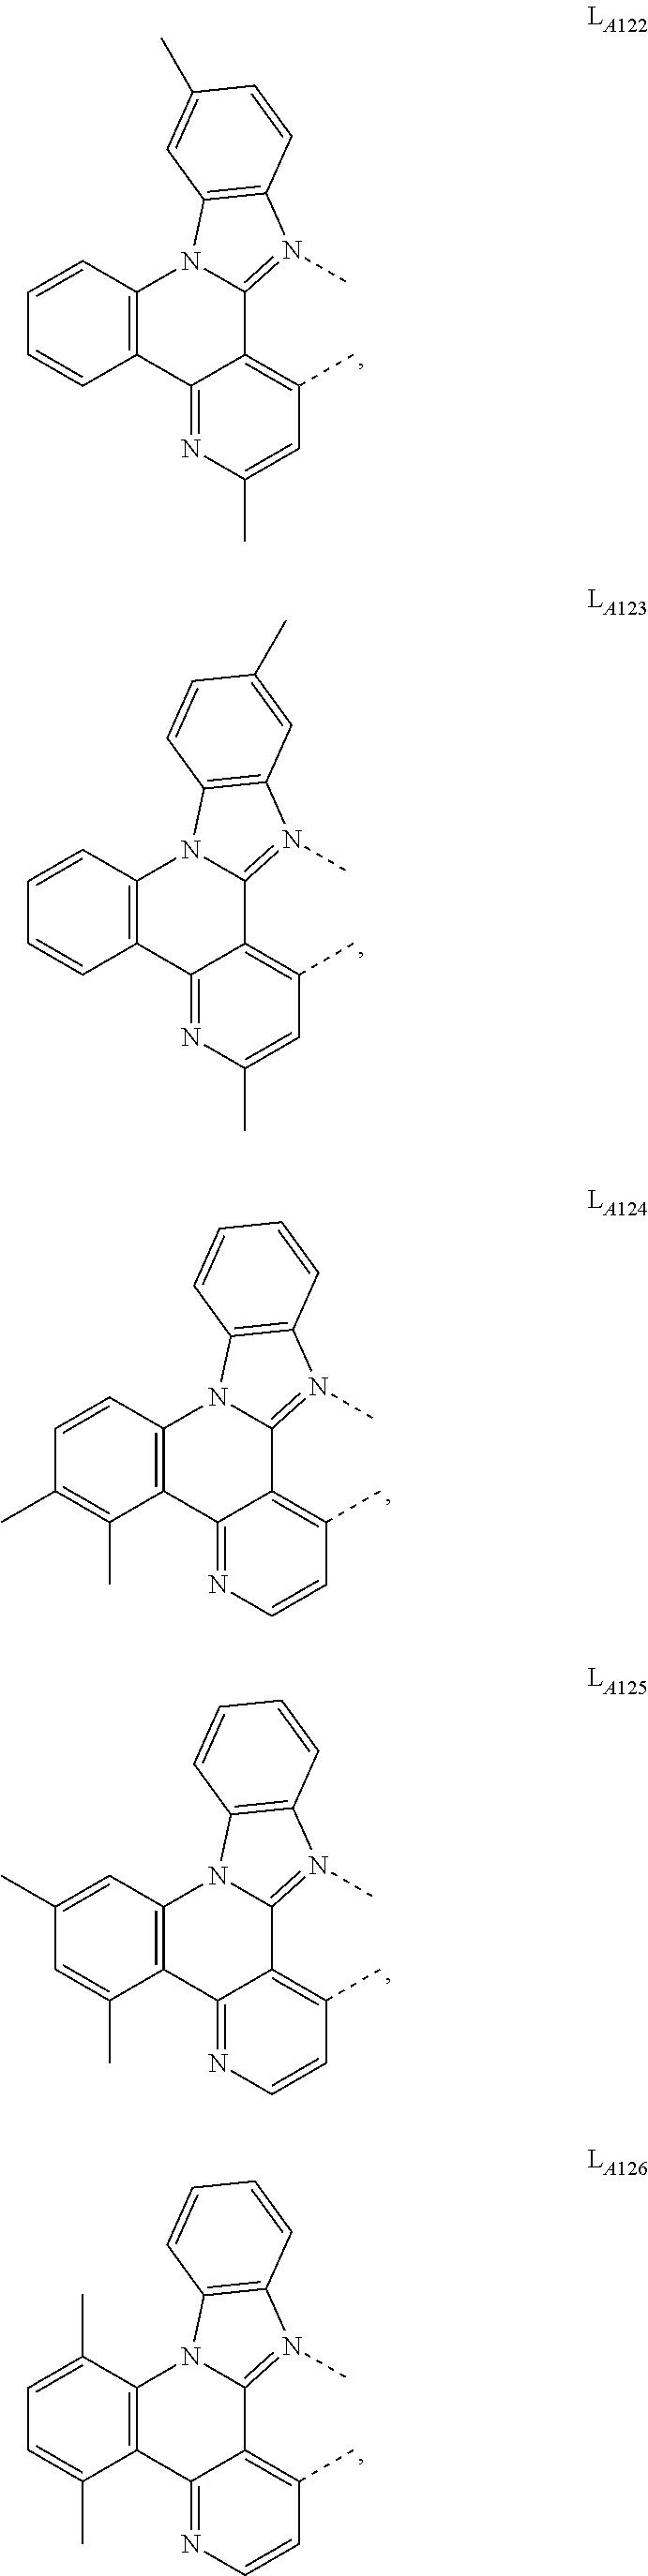 Figure US09905785-20180227-C00451